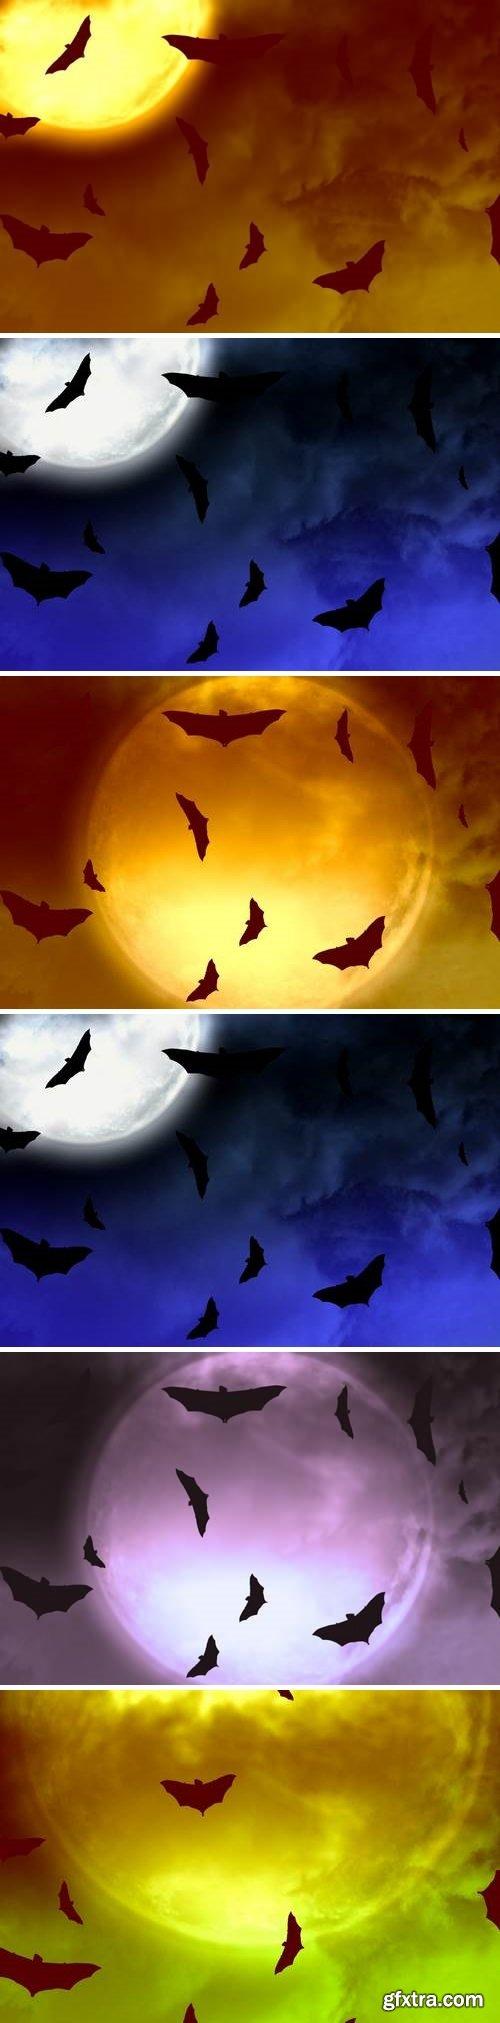 Scary Night Sky